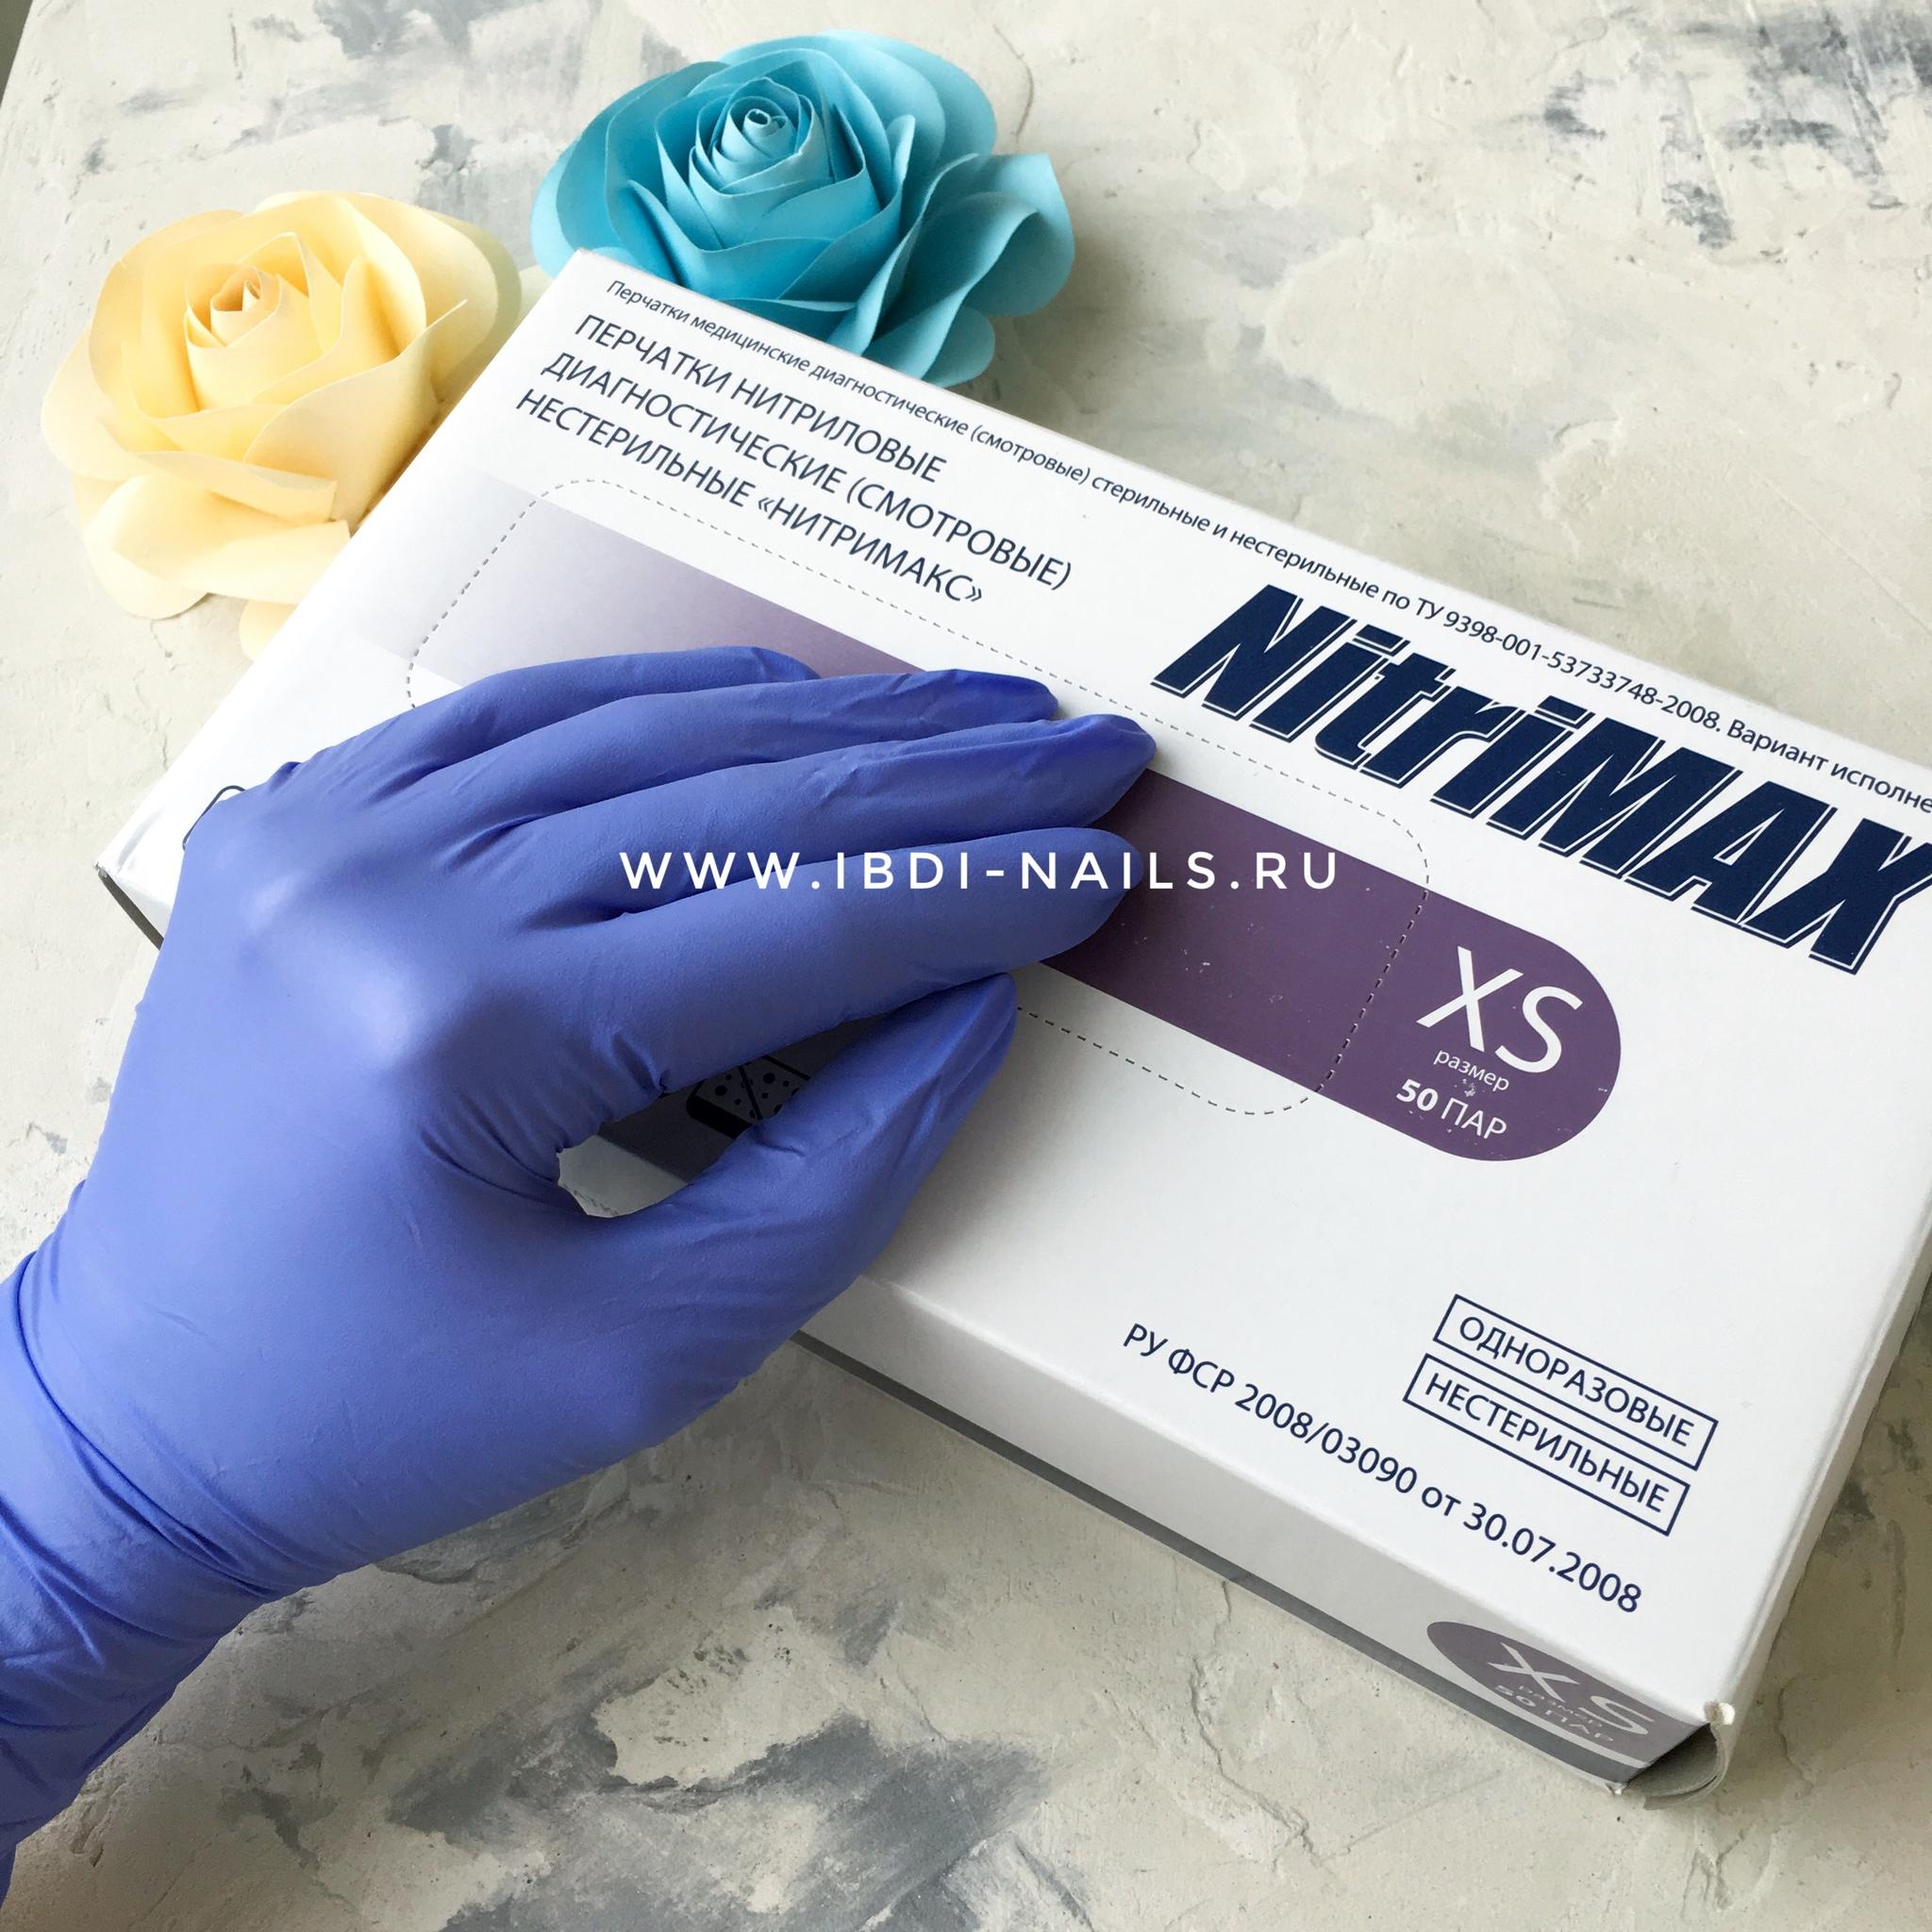 Перчатки NitriMAX нитриловые лиловые XS 50 пар